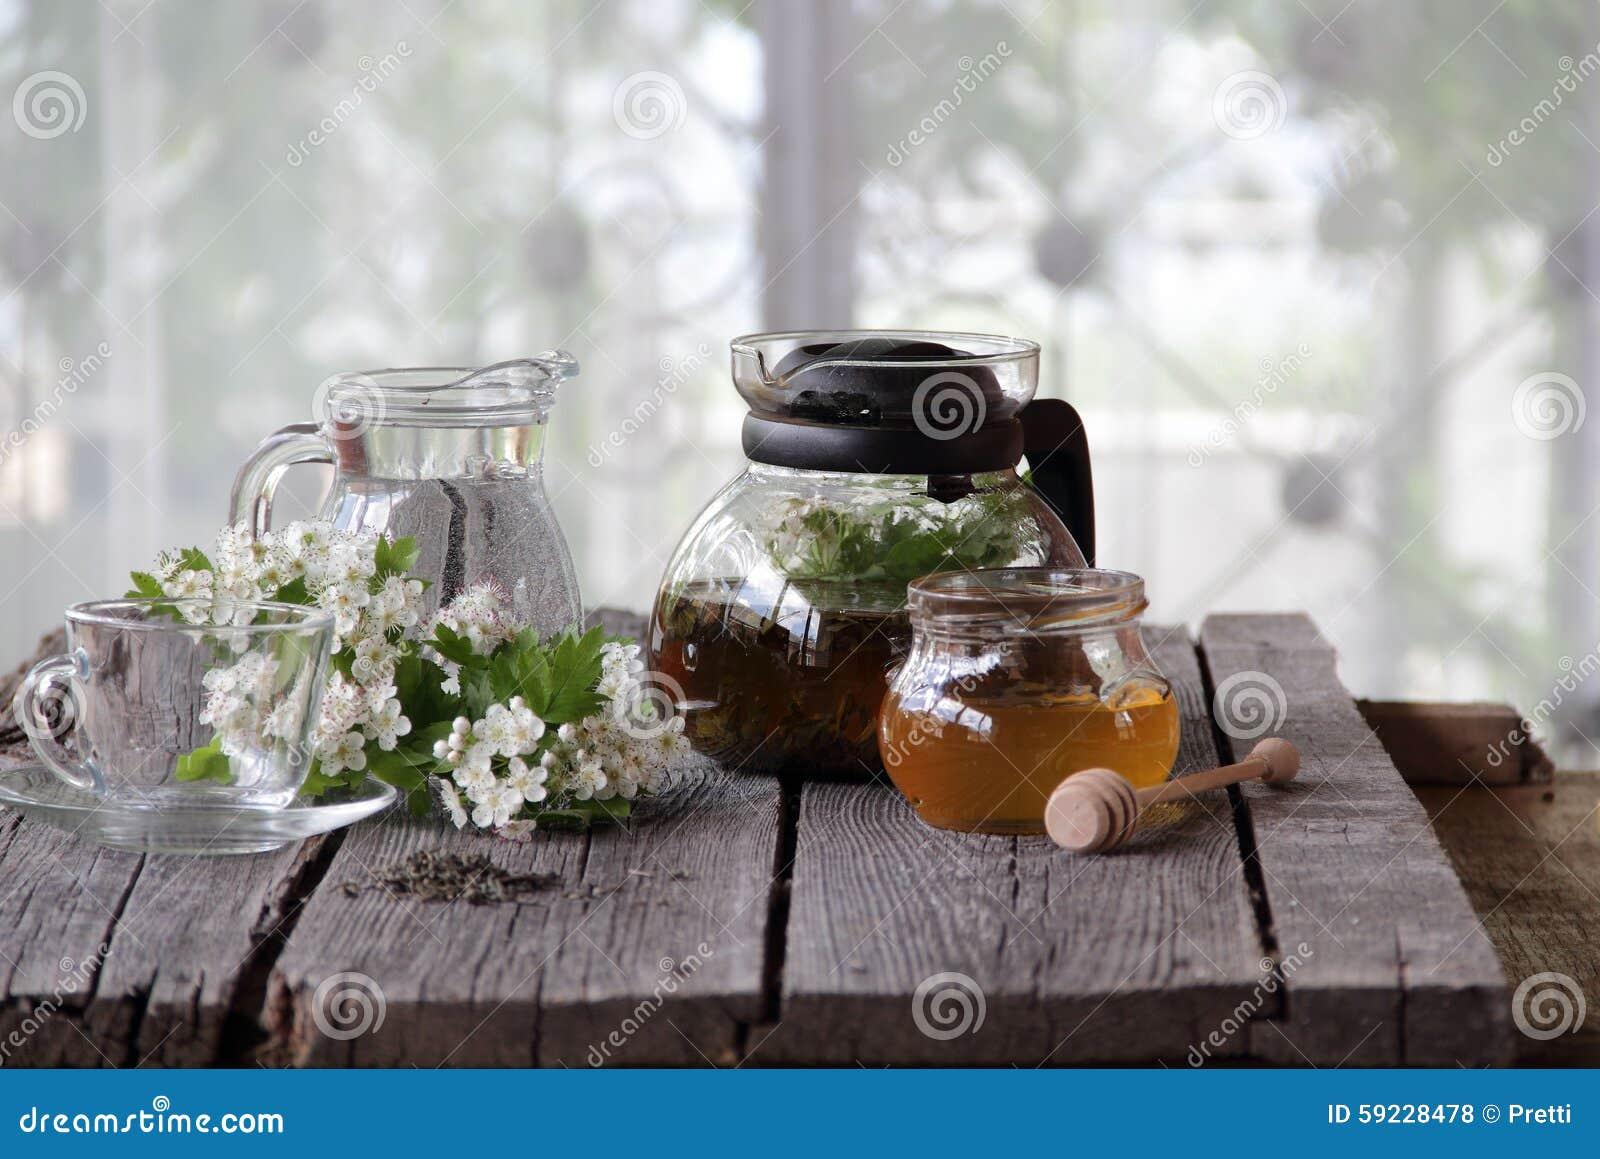 Té verde en una tetera y una miel de cristal y una rama de un blossomi